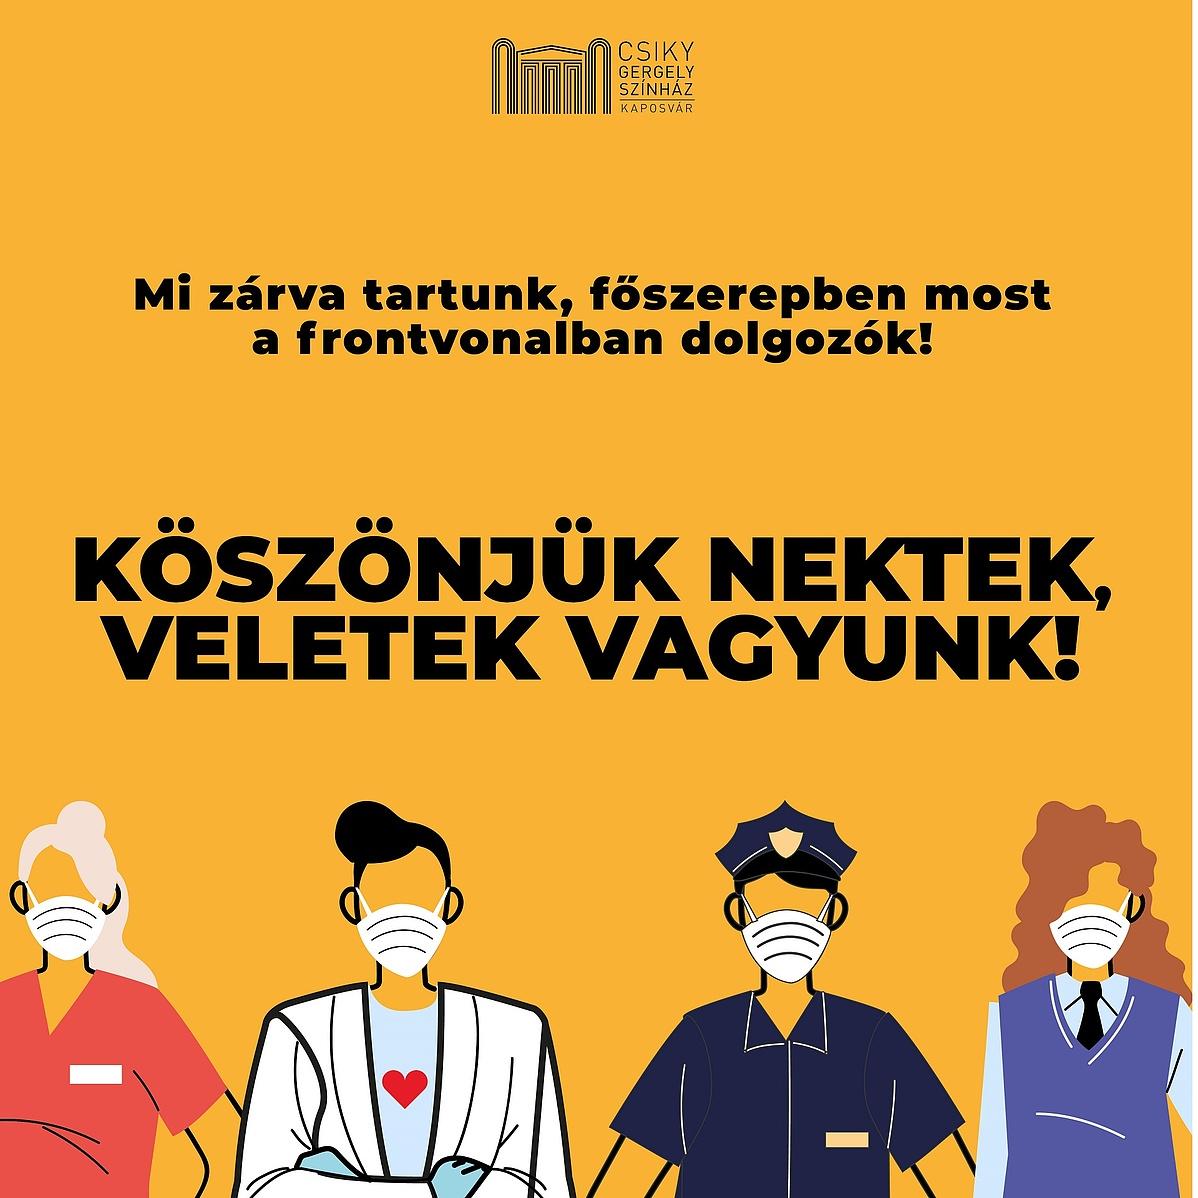 KOSZONJUKNEKTEKVELETEKVAGYUNK_kreativ_forras_Csiky-215234.jpg